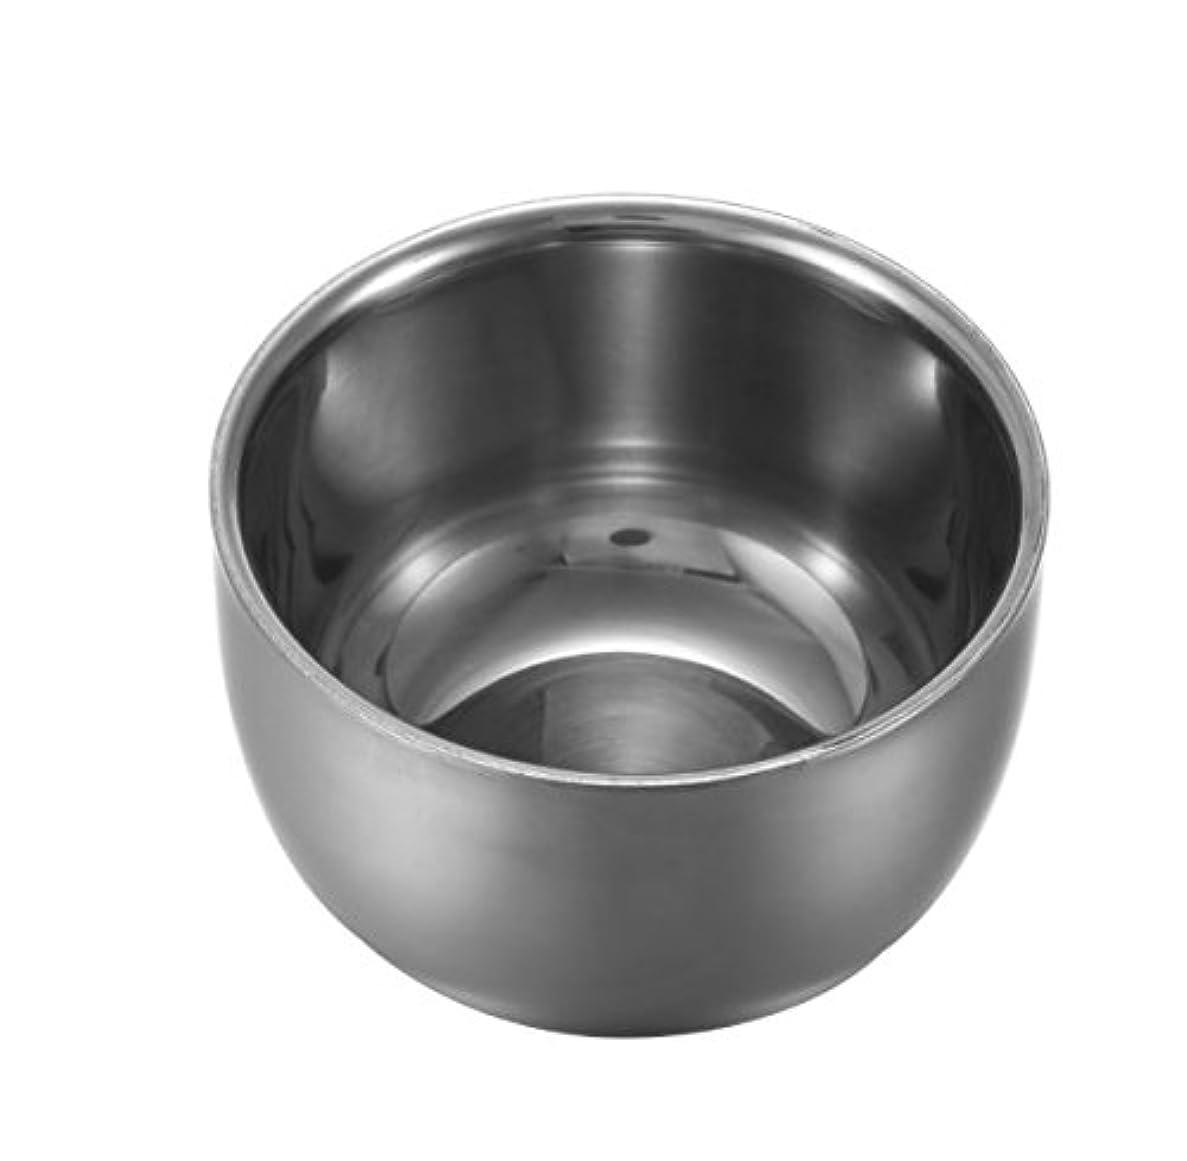 病者製造ポンド7.5cm Stainless Steel Shaving Bowl Barber Beard Razor Cup For Shave Brush Male Face Cleaning Soap Mug Tool